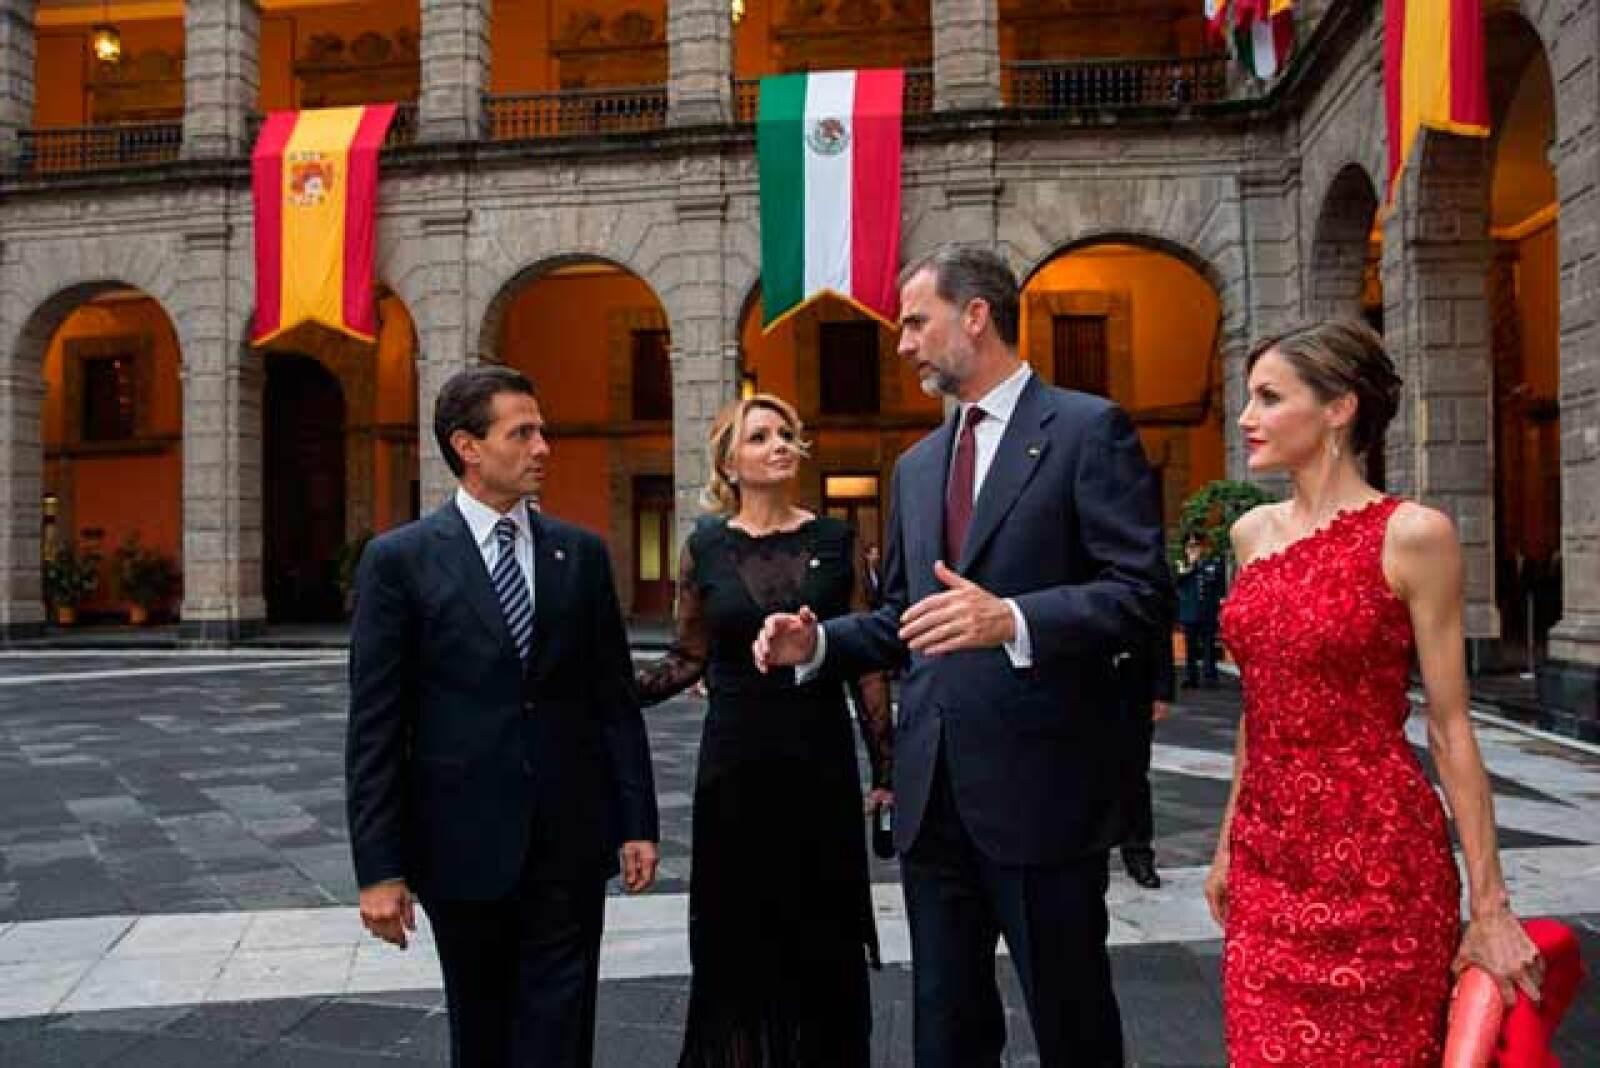 Durante una cena que ofreció a los reyes de España, Felipe VI y Letizia, el mandatario subrayó que México es y será siempre amigo y aliado estratégico de esa nación europea.